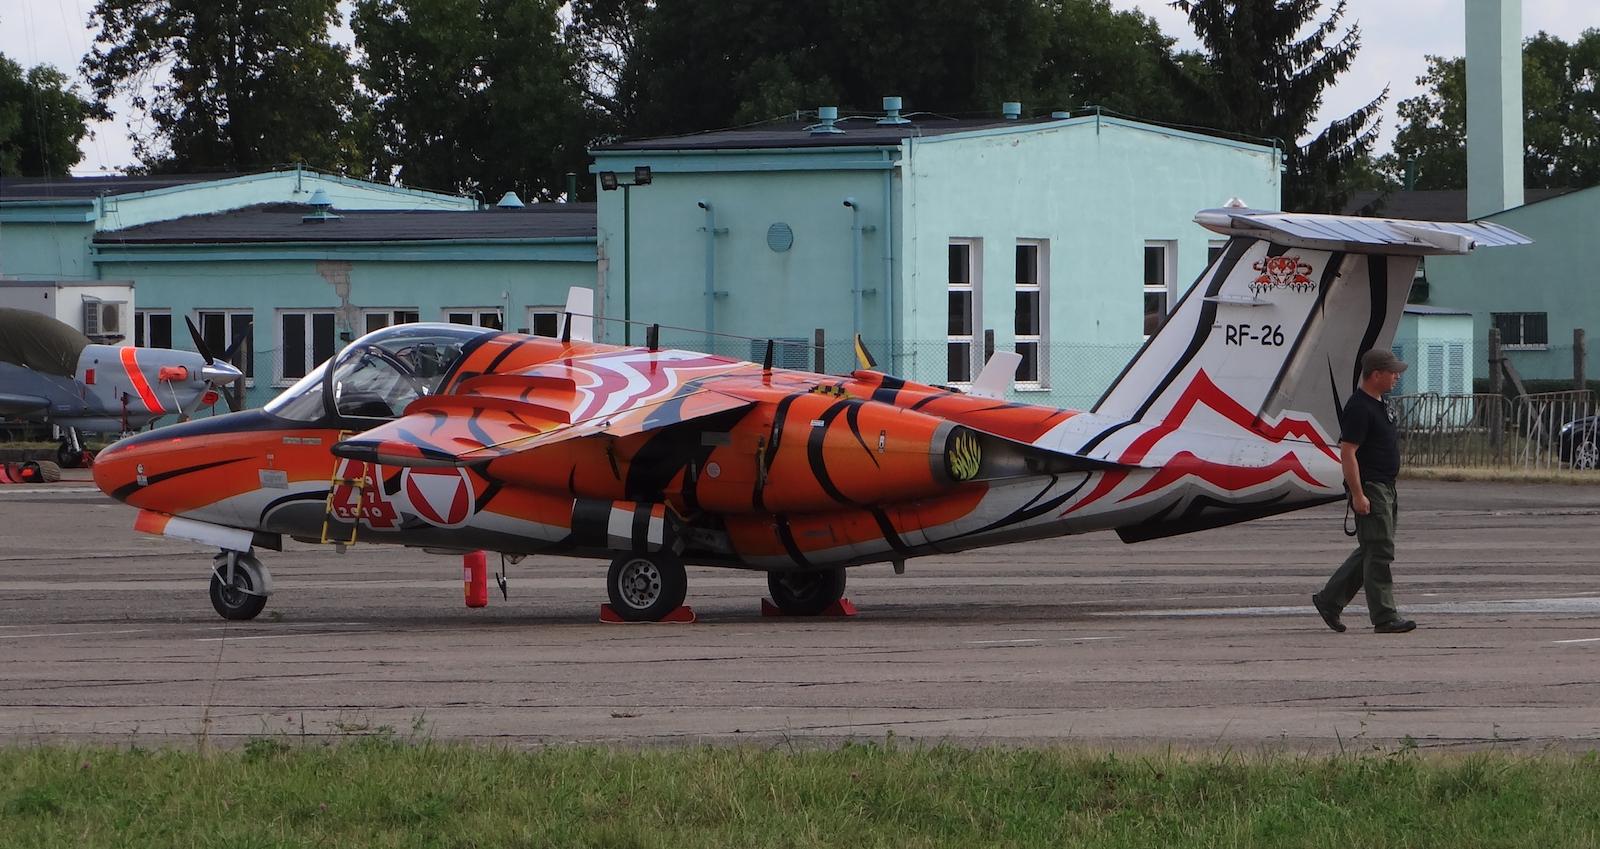 SAAB 105 OE nb RF-26. 2013 year. Photo by Karol Placha Hetman